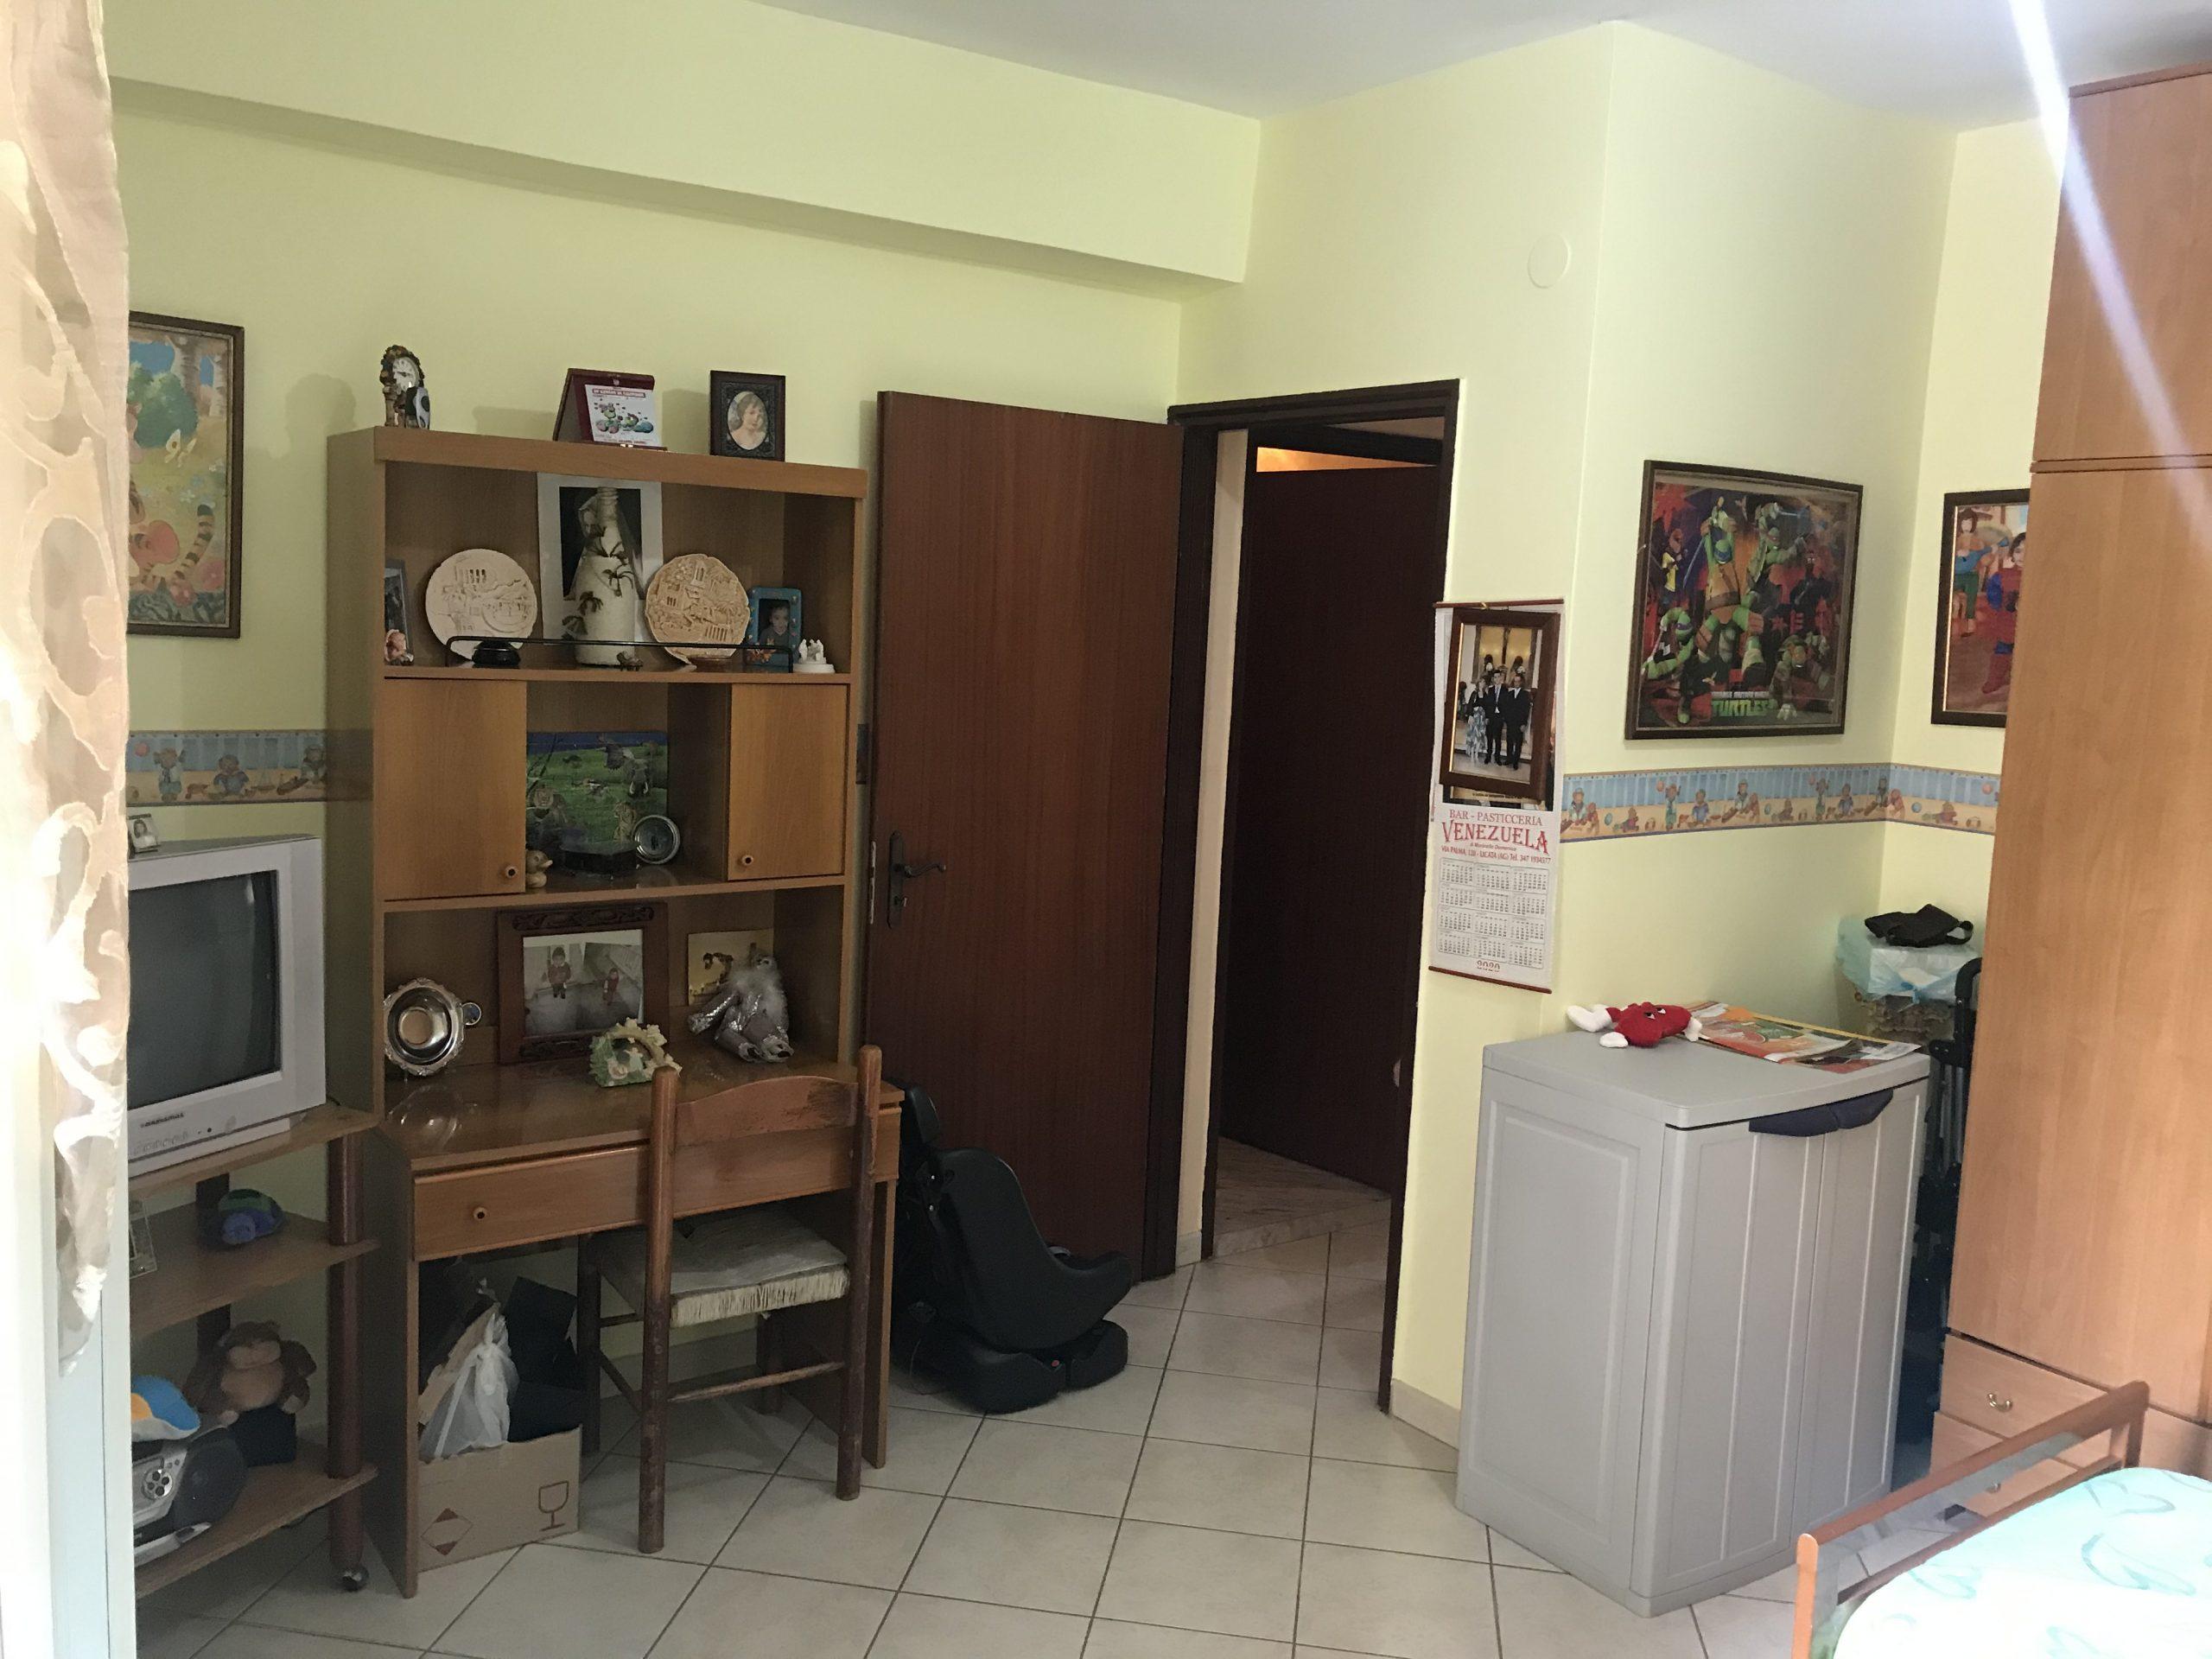 appartamento su 3 piani di 50 mq ciascuno – via montegrappa –